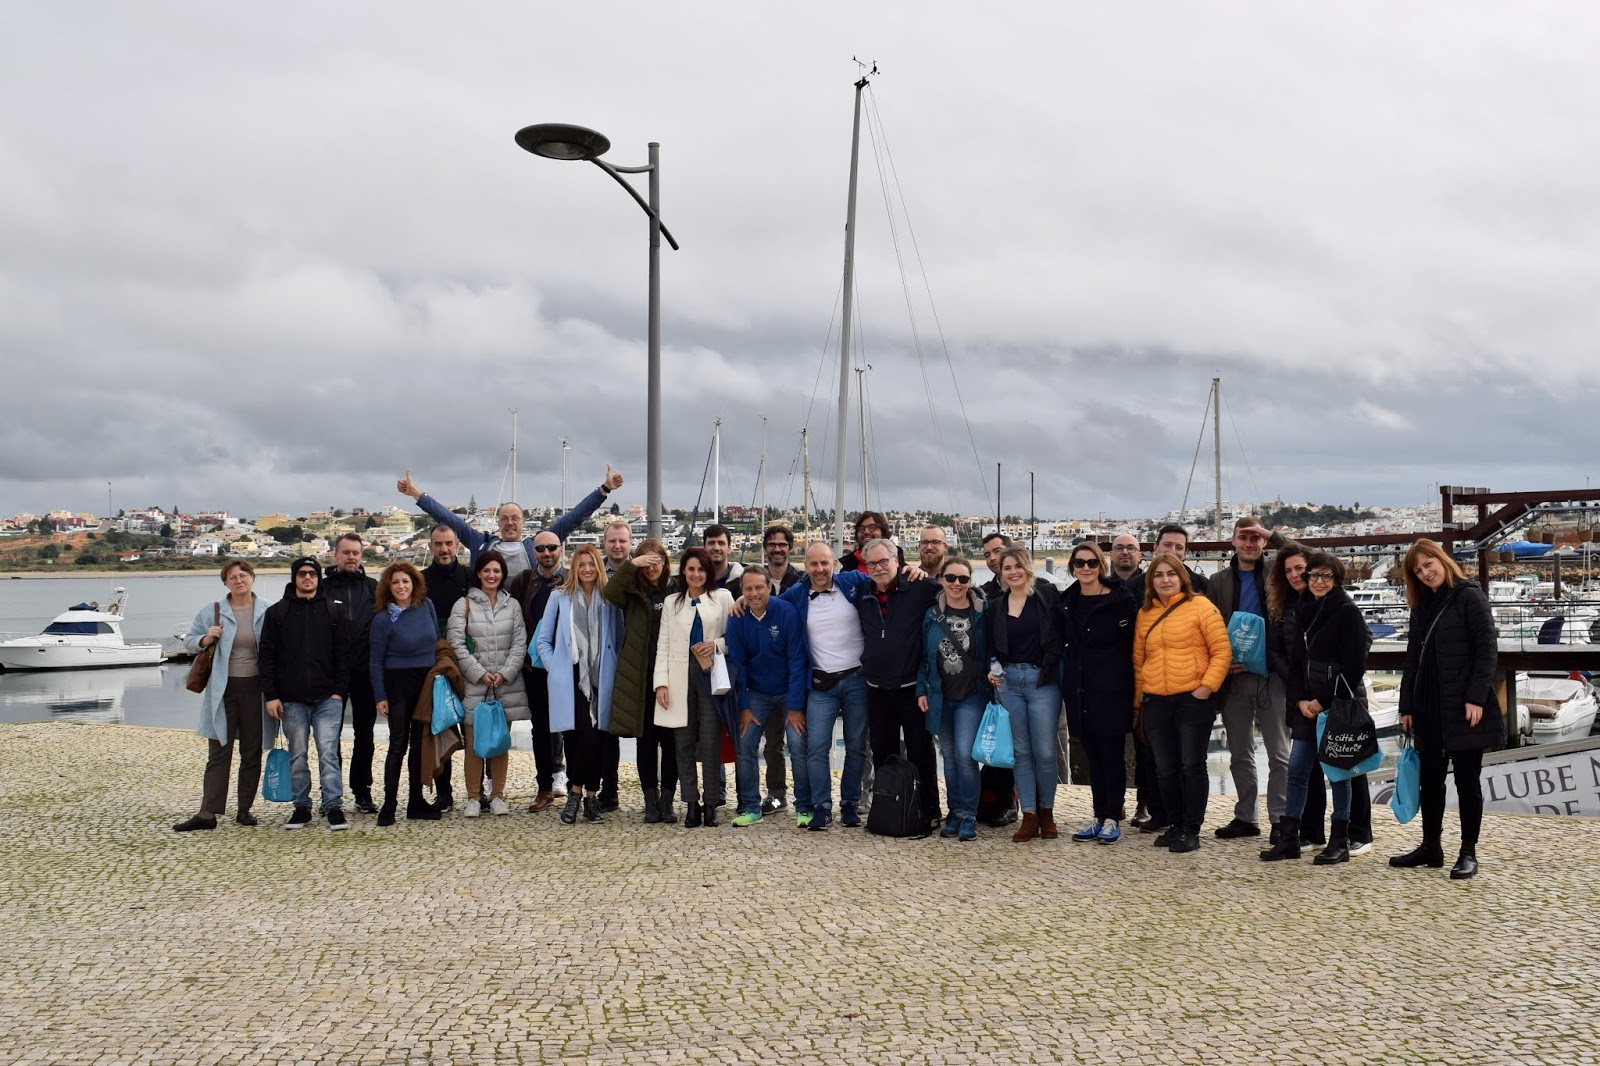 Συμμετοχή του Δήμου Λαρισαίων στο Ευρωπαϊκό πρόγραμμα Sport4values